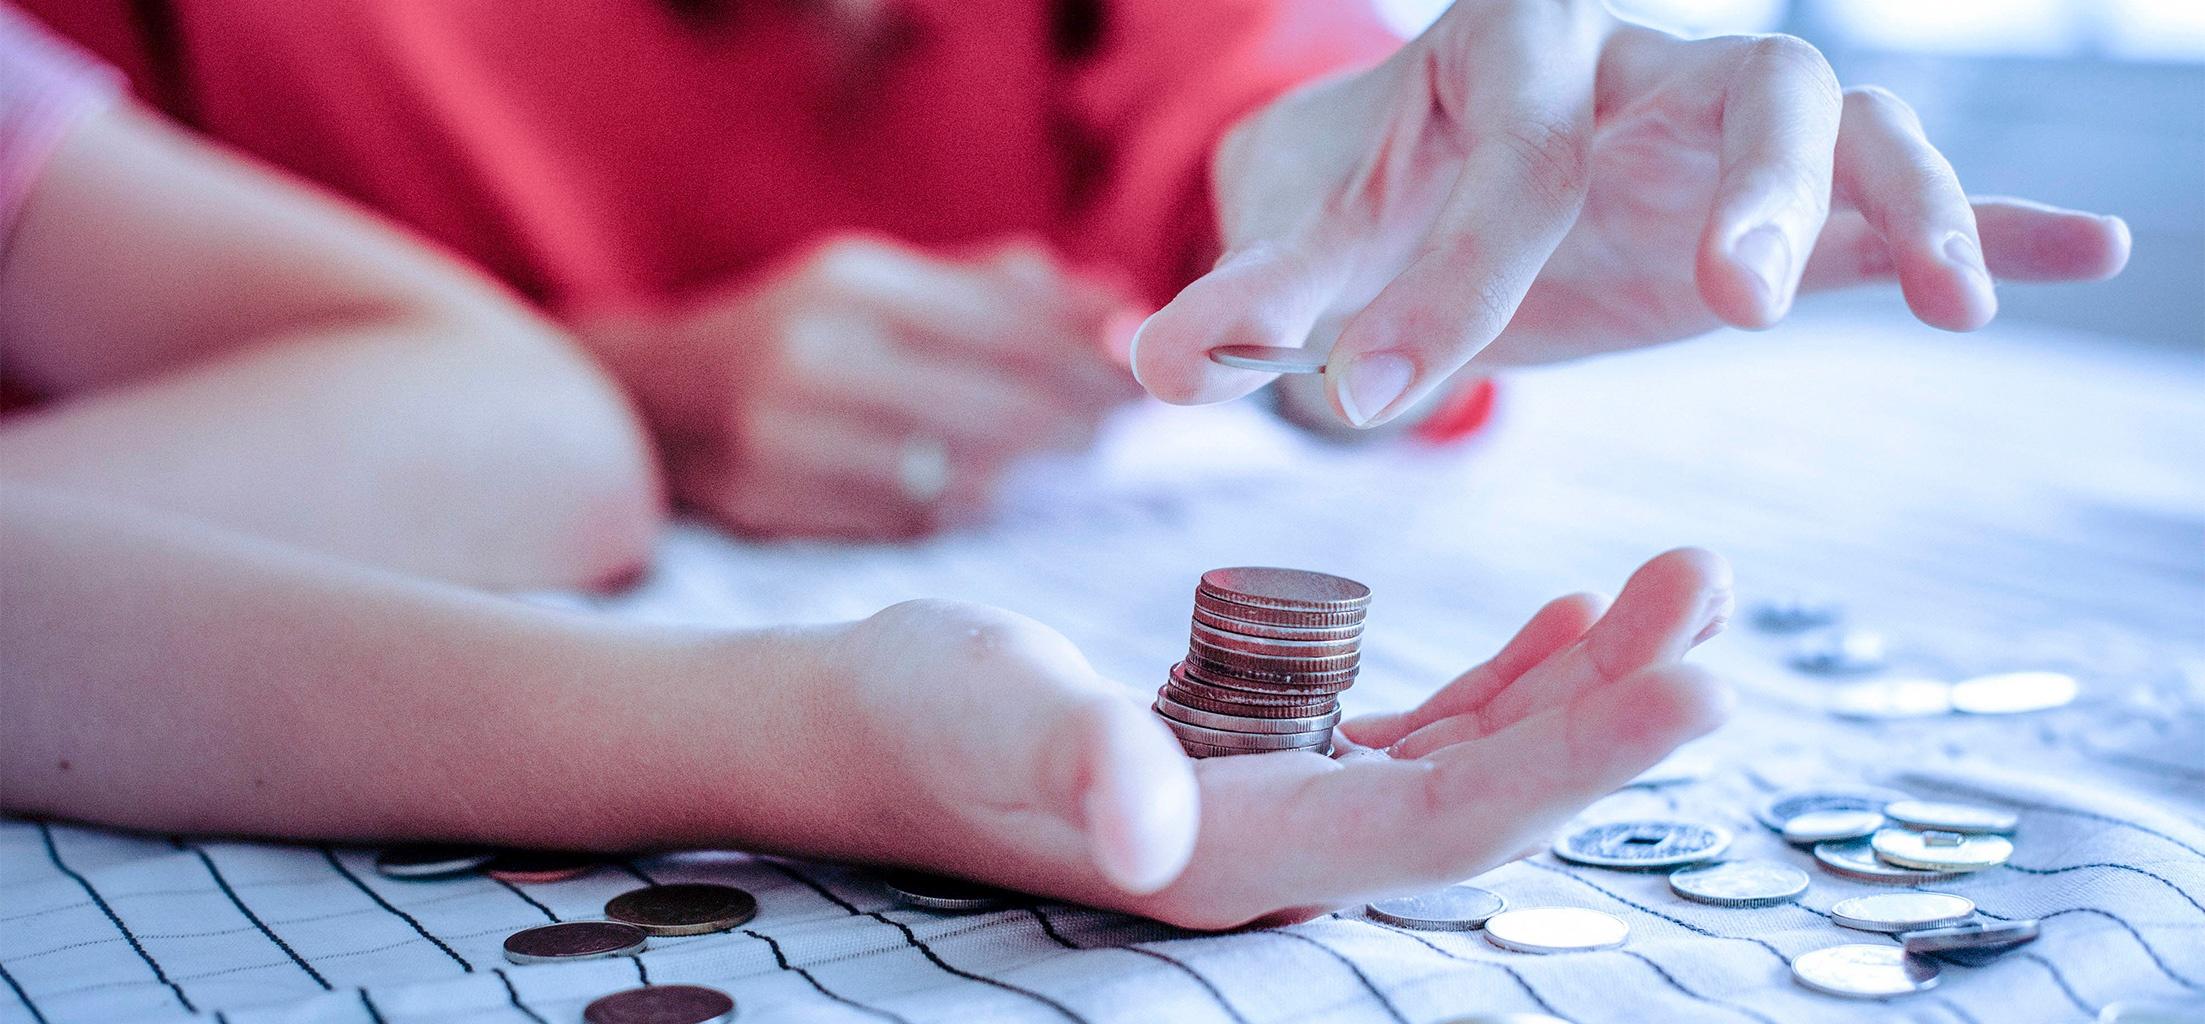 Financas-Pessoais-7-dicas-para-organizar-sua-vida